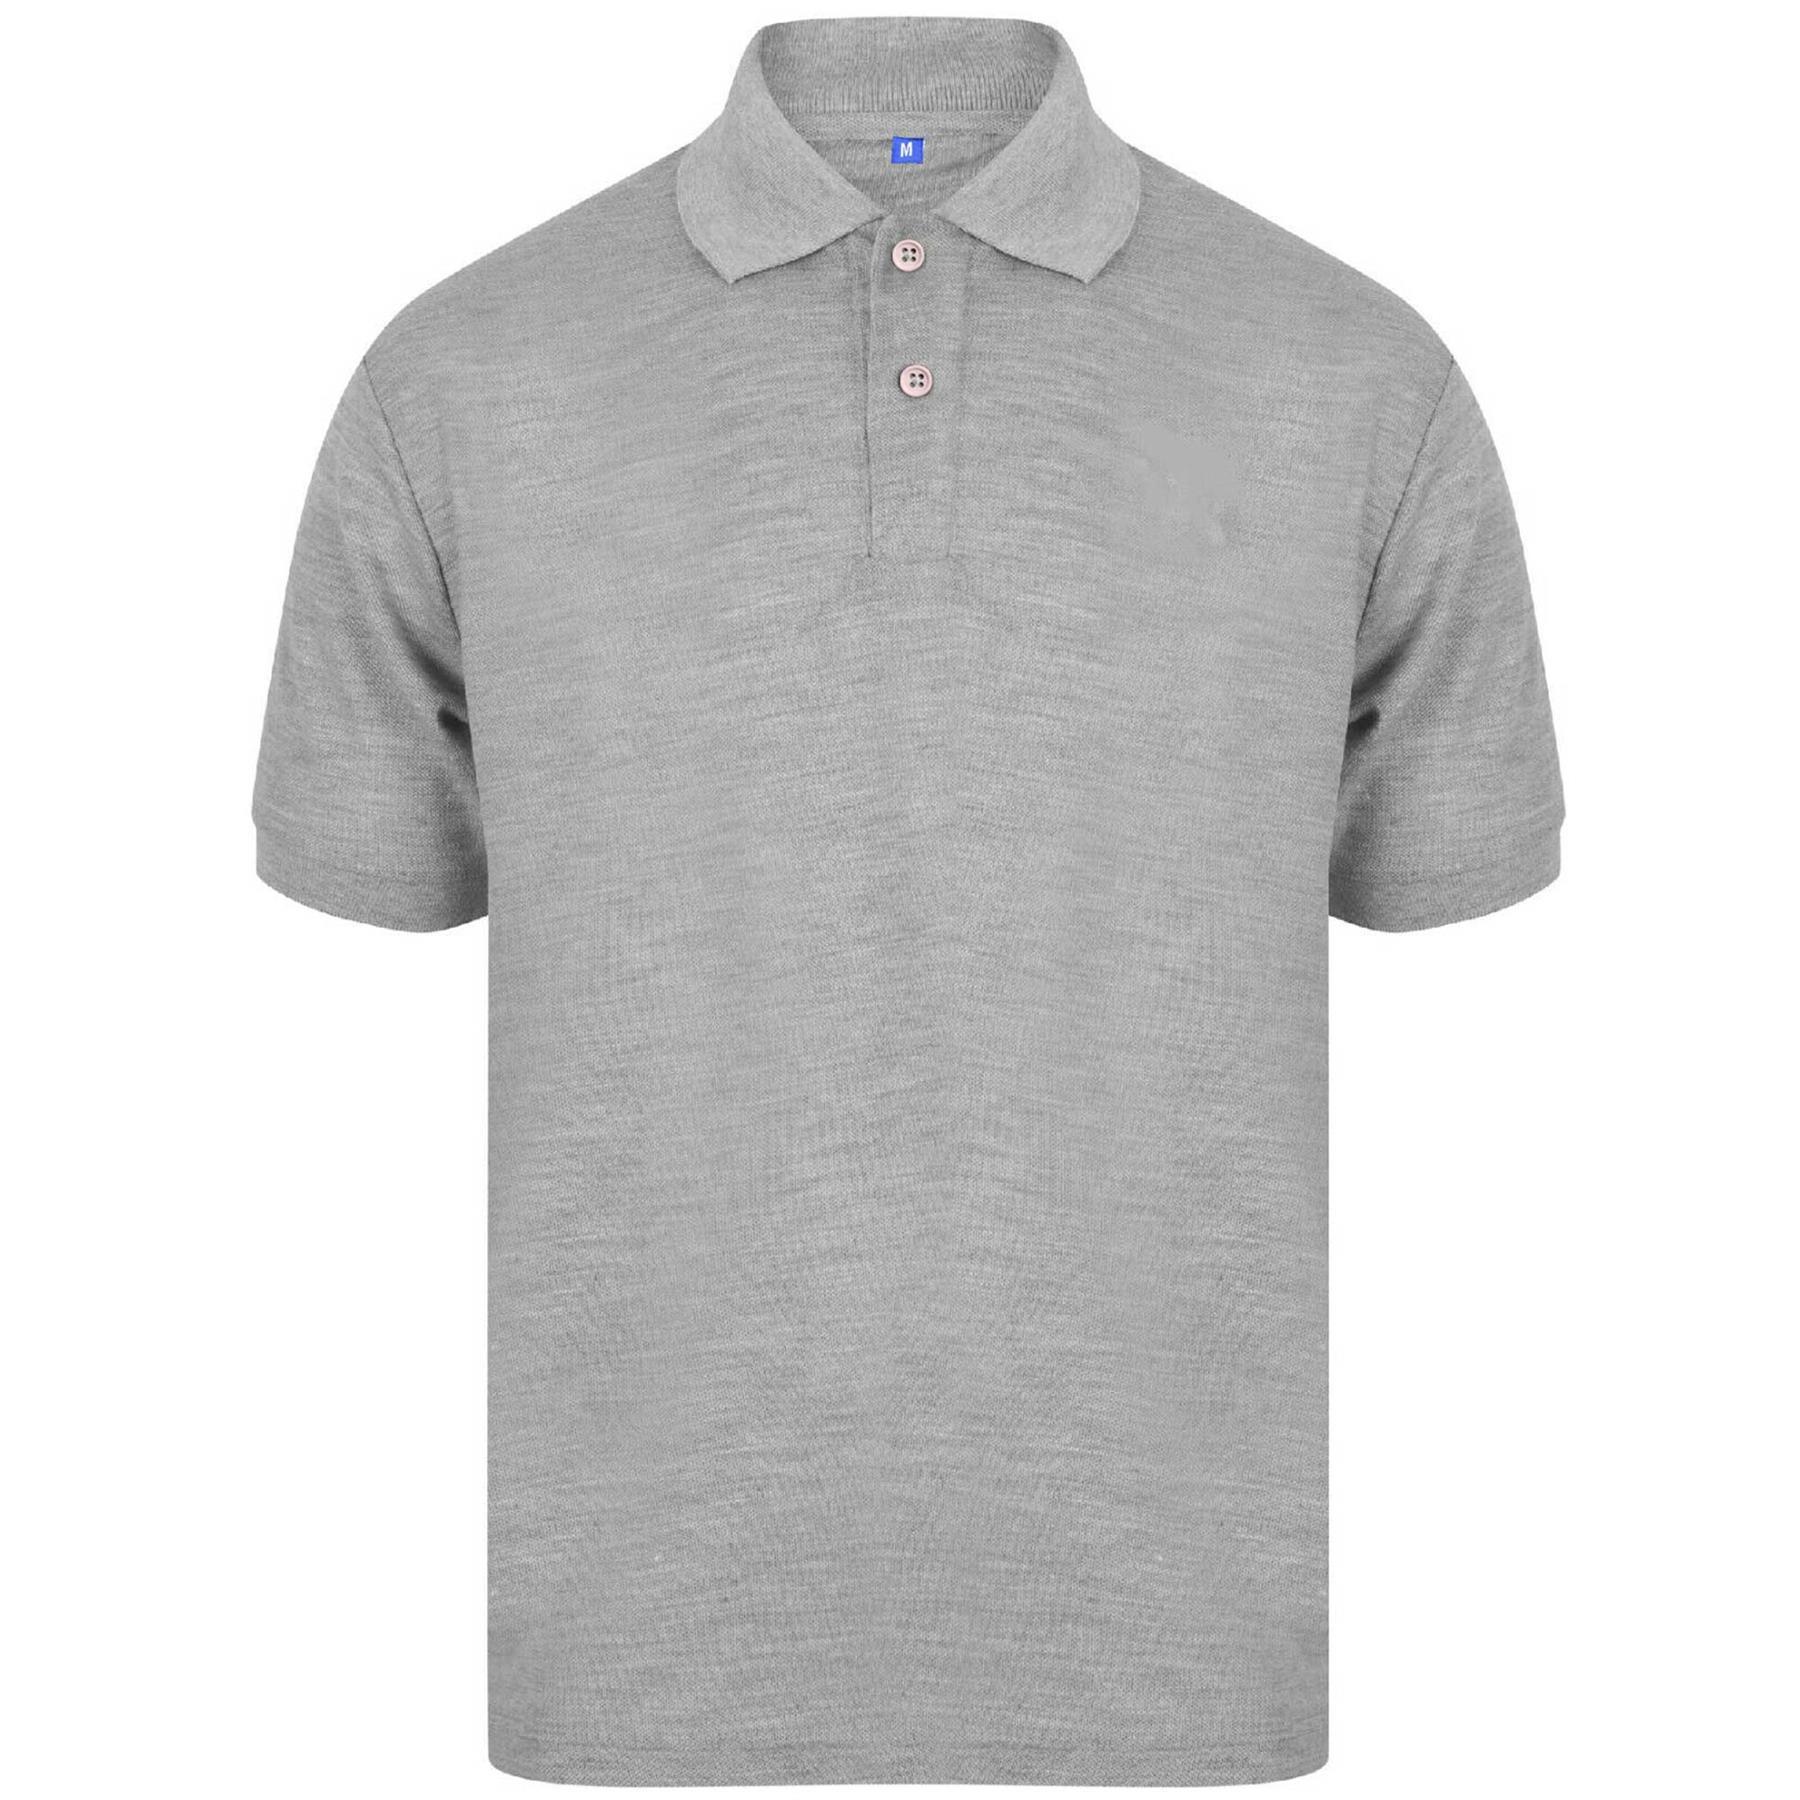 Indexbild 24 - Herren Polohemd Freizeit T-Shirts Neu Schlicht Kurzärmeliges Regular Fit